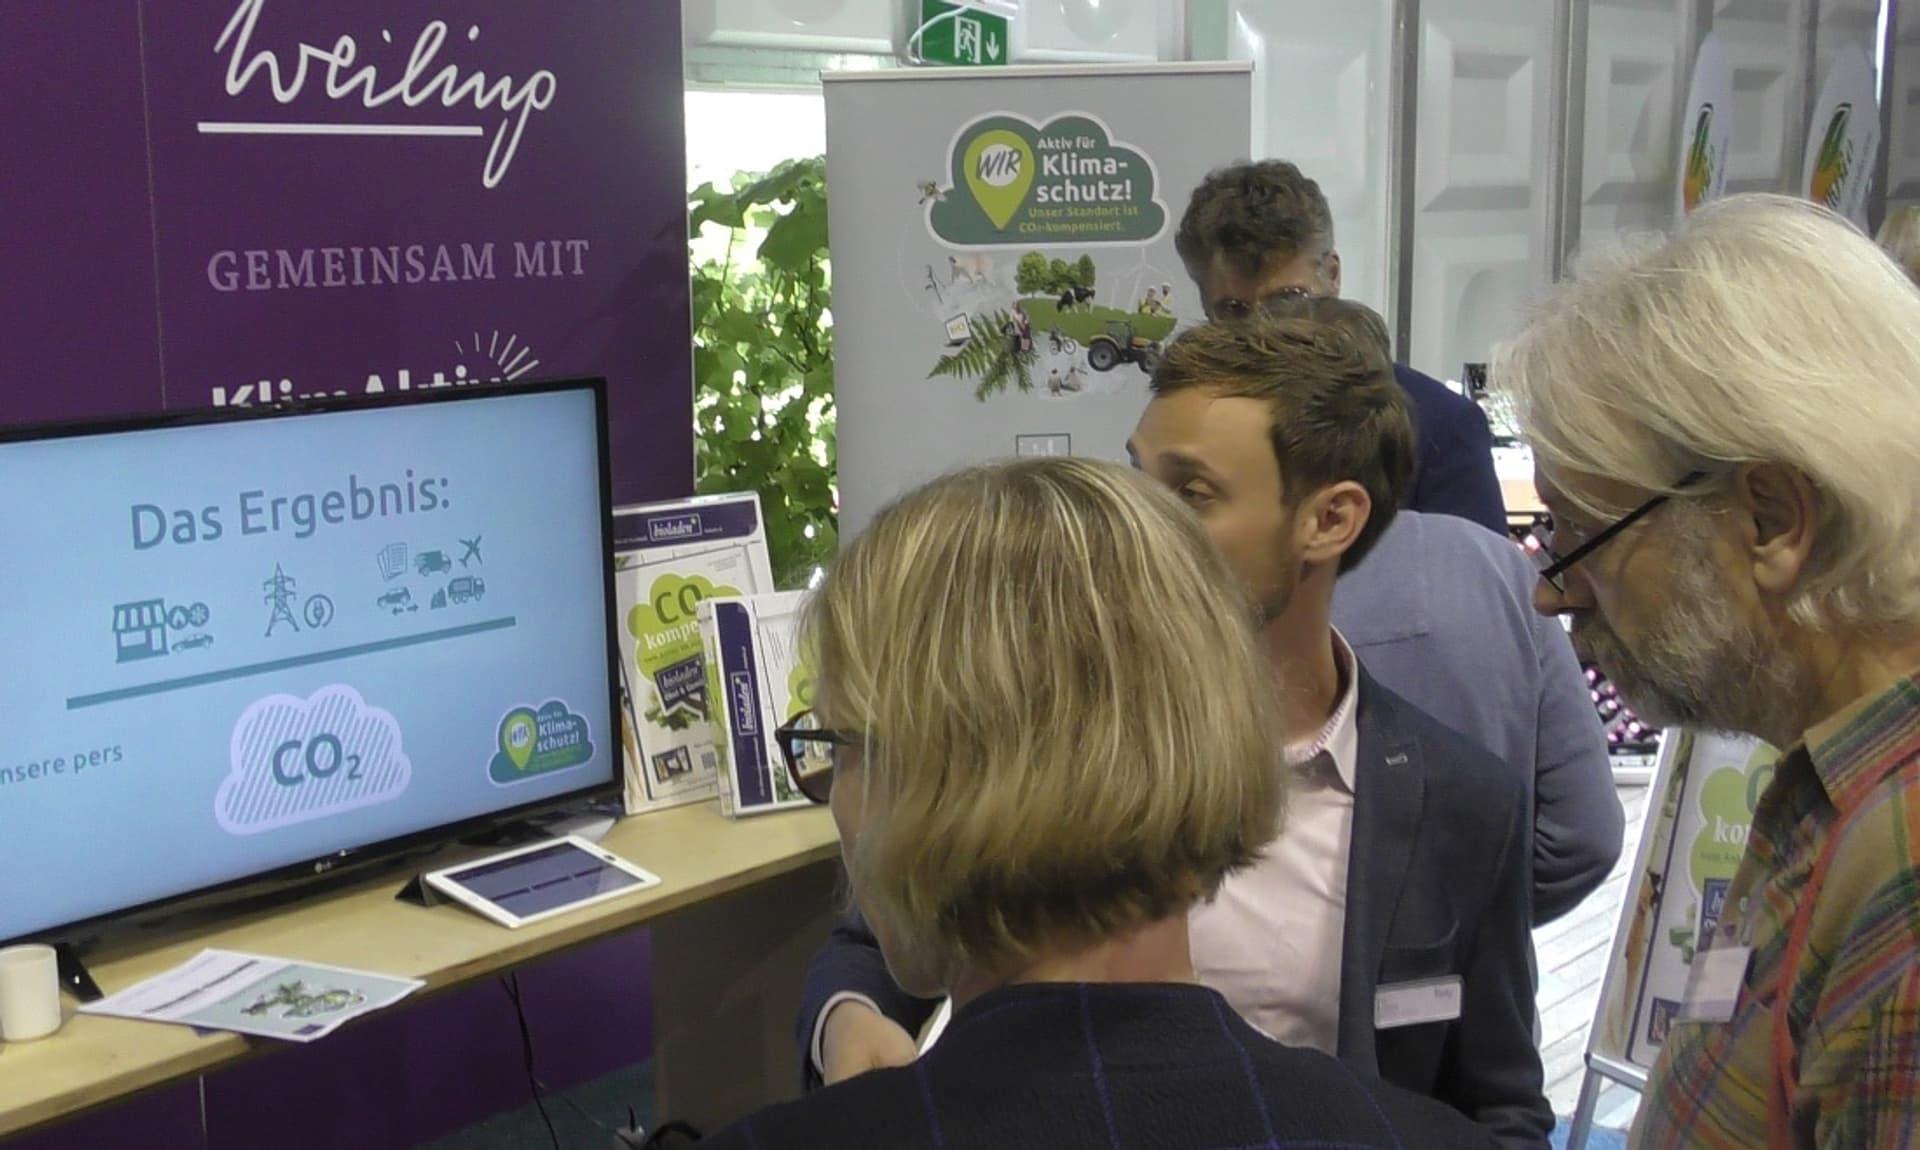 Besucher informieren sich über CO2 auf der Weiling-Messe